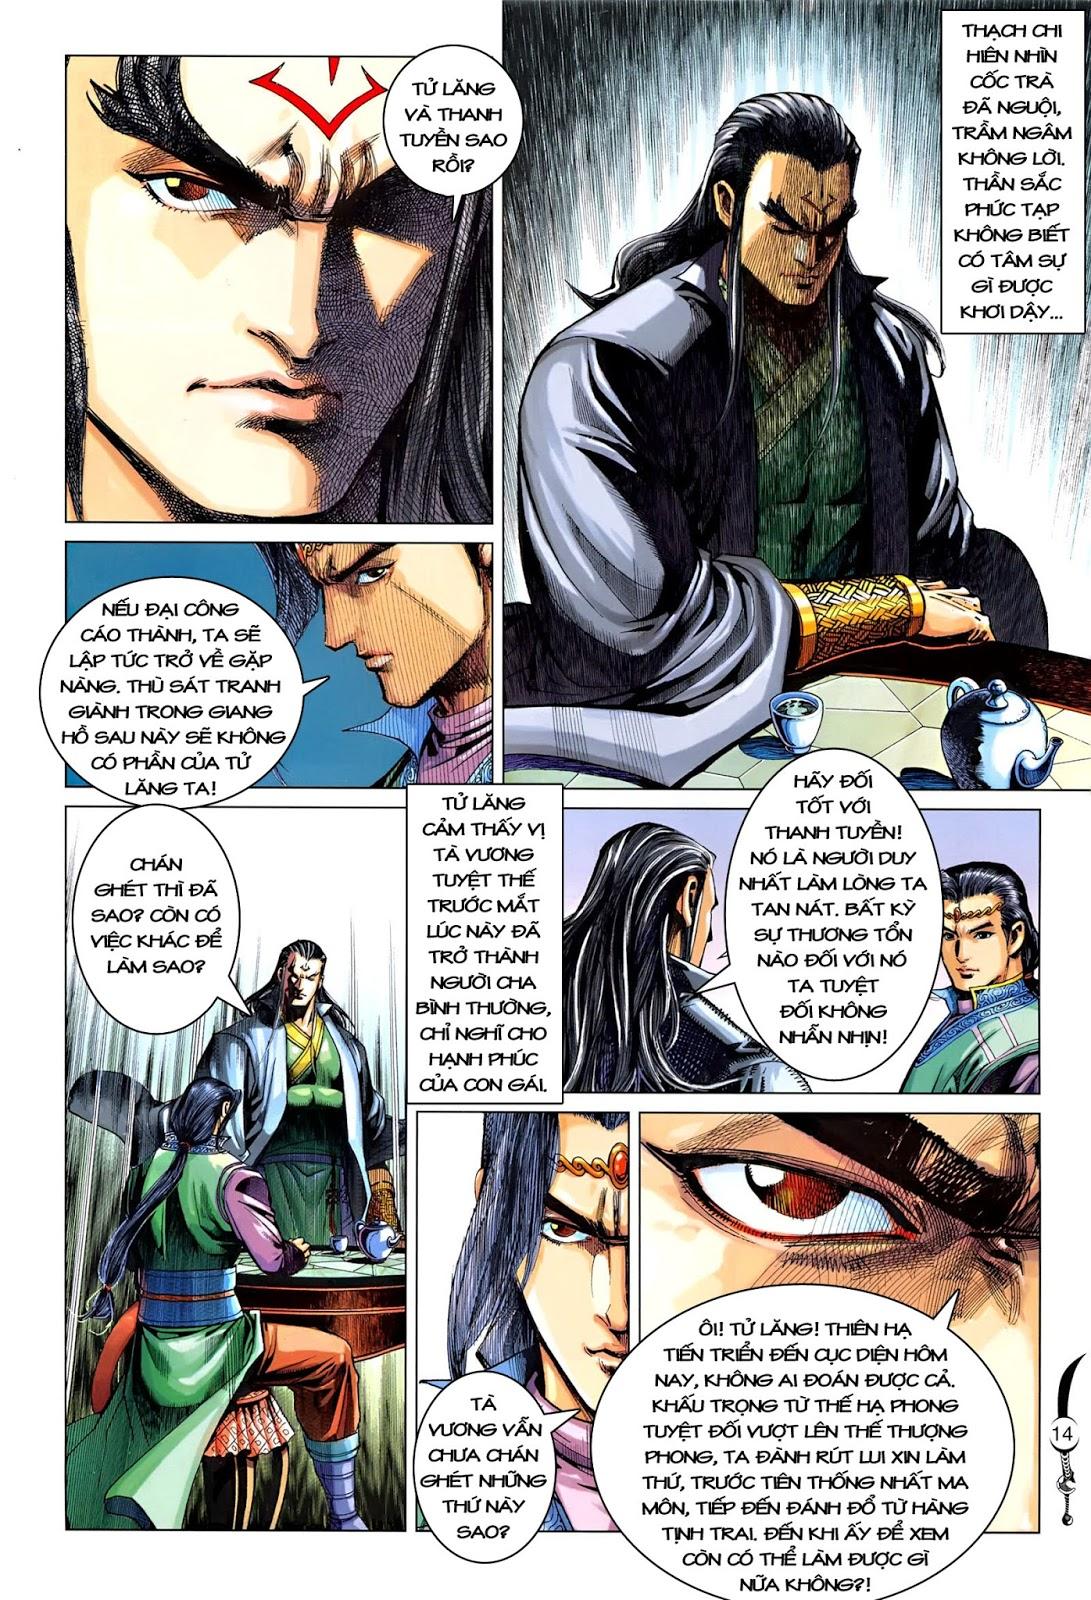 Đại Đường Song Long Truyện chap 216 - Trang 16